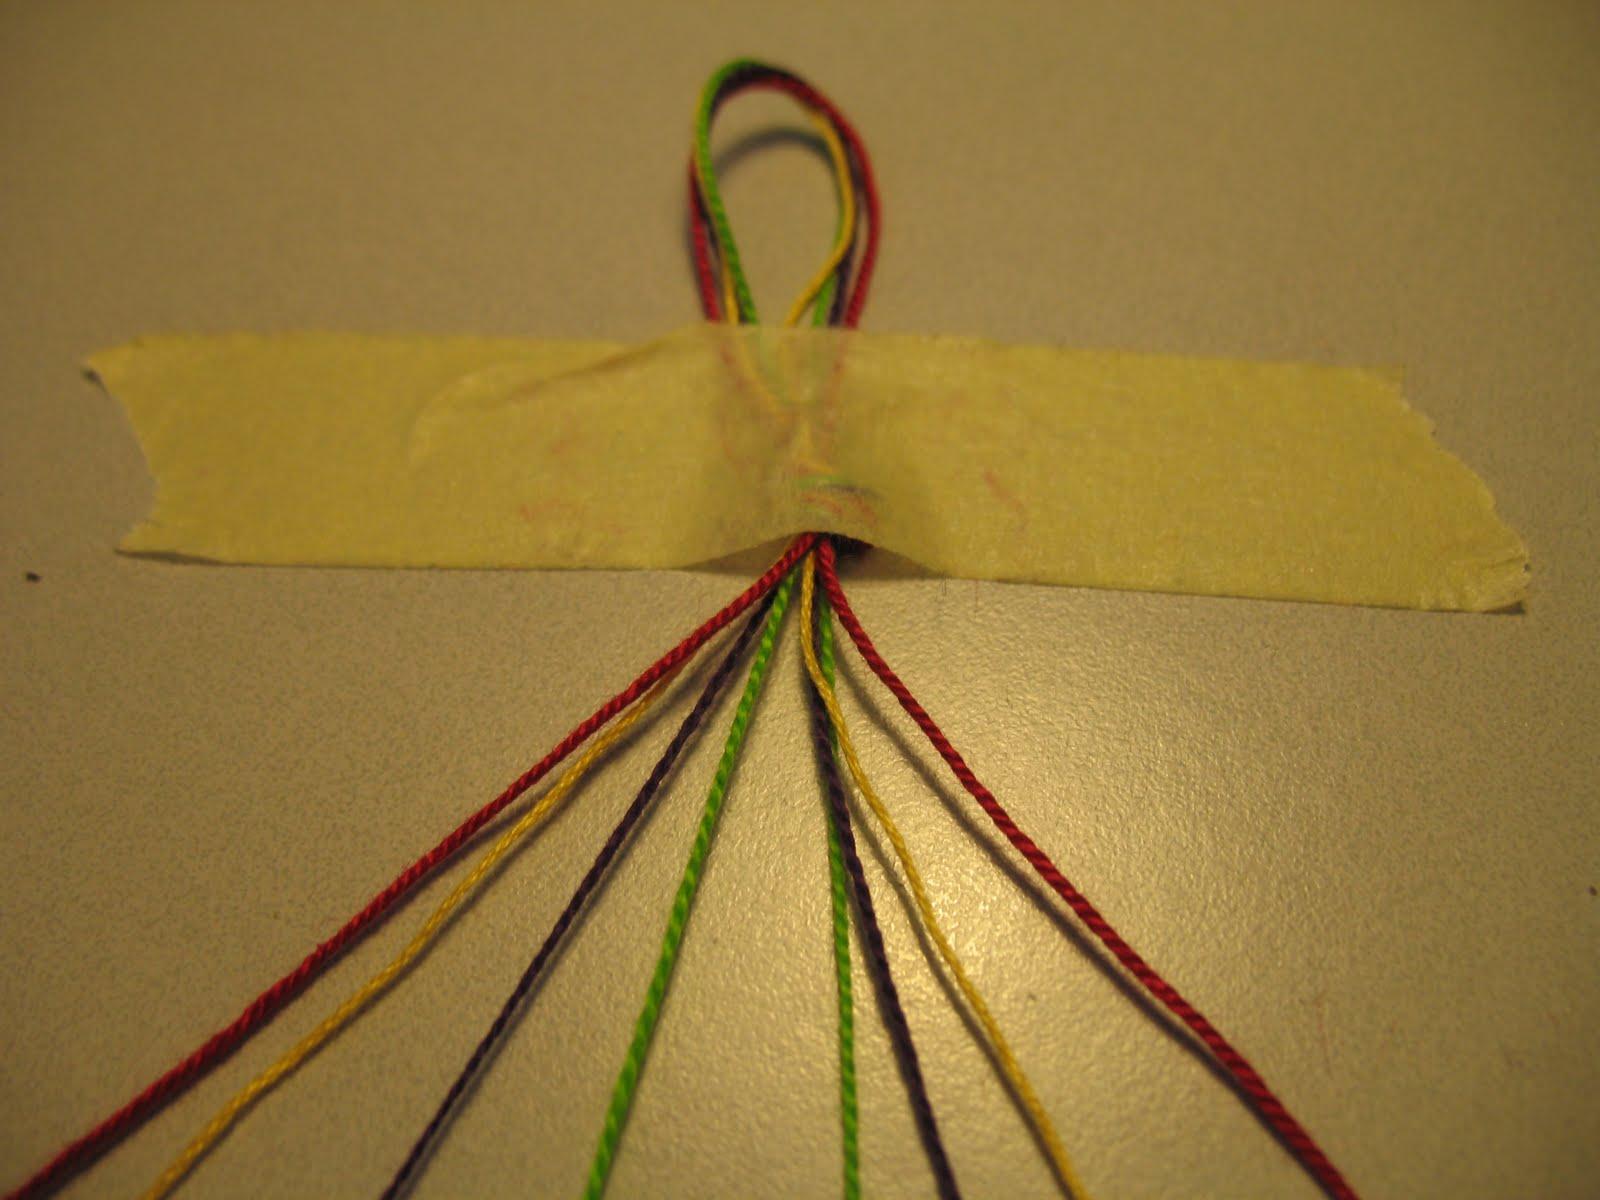 Braccialetti di cotone tutorial 04 filo feltro e fantasia for Nodo invisibile per unire due fili di lana